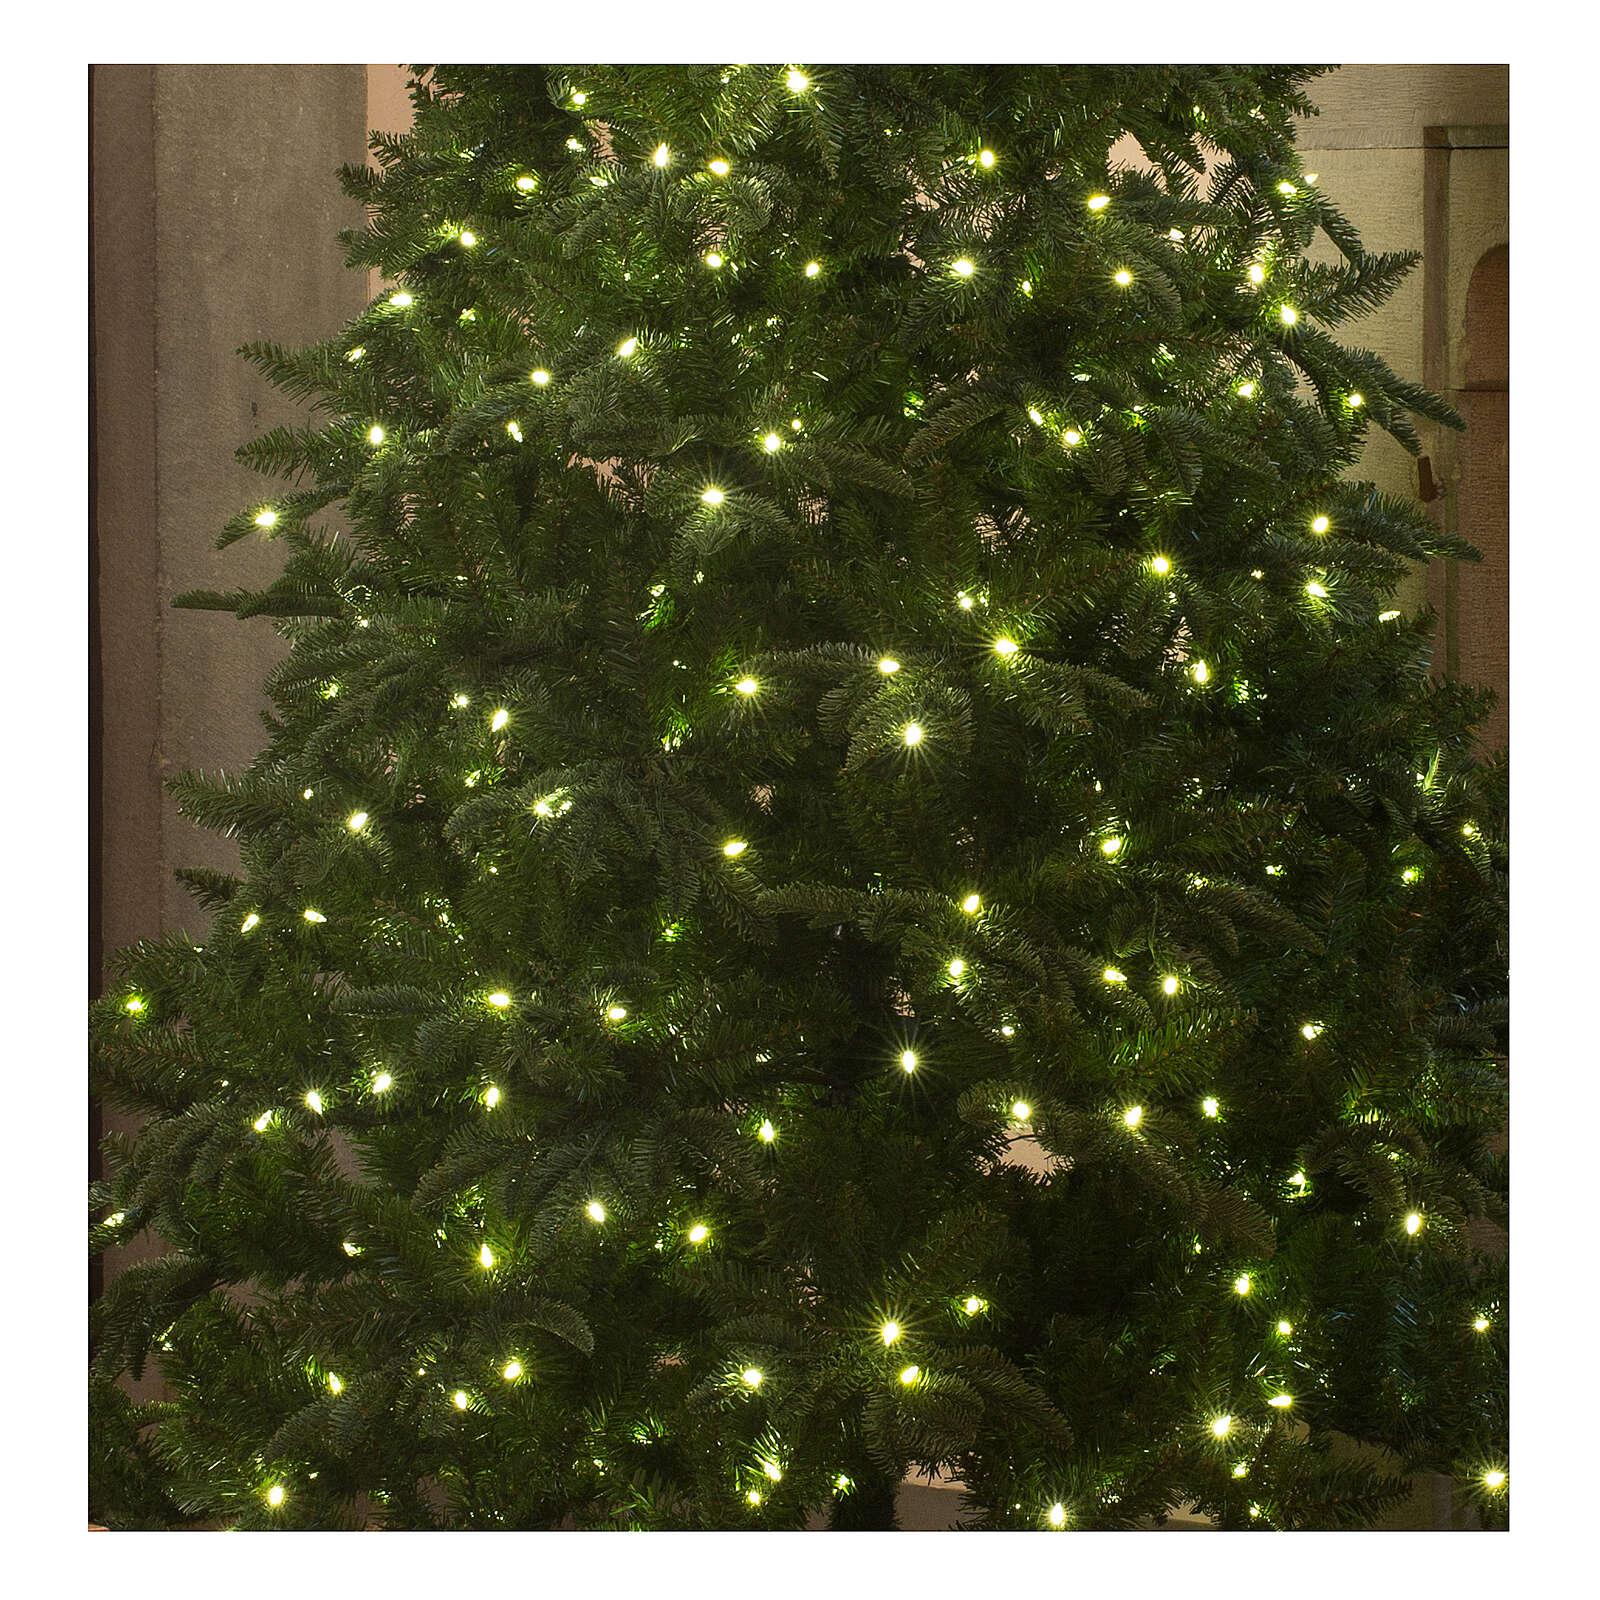 STOCK Albero Natale verde Hunter Green 340 cm con 1700 led caldi 3